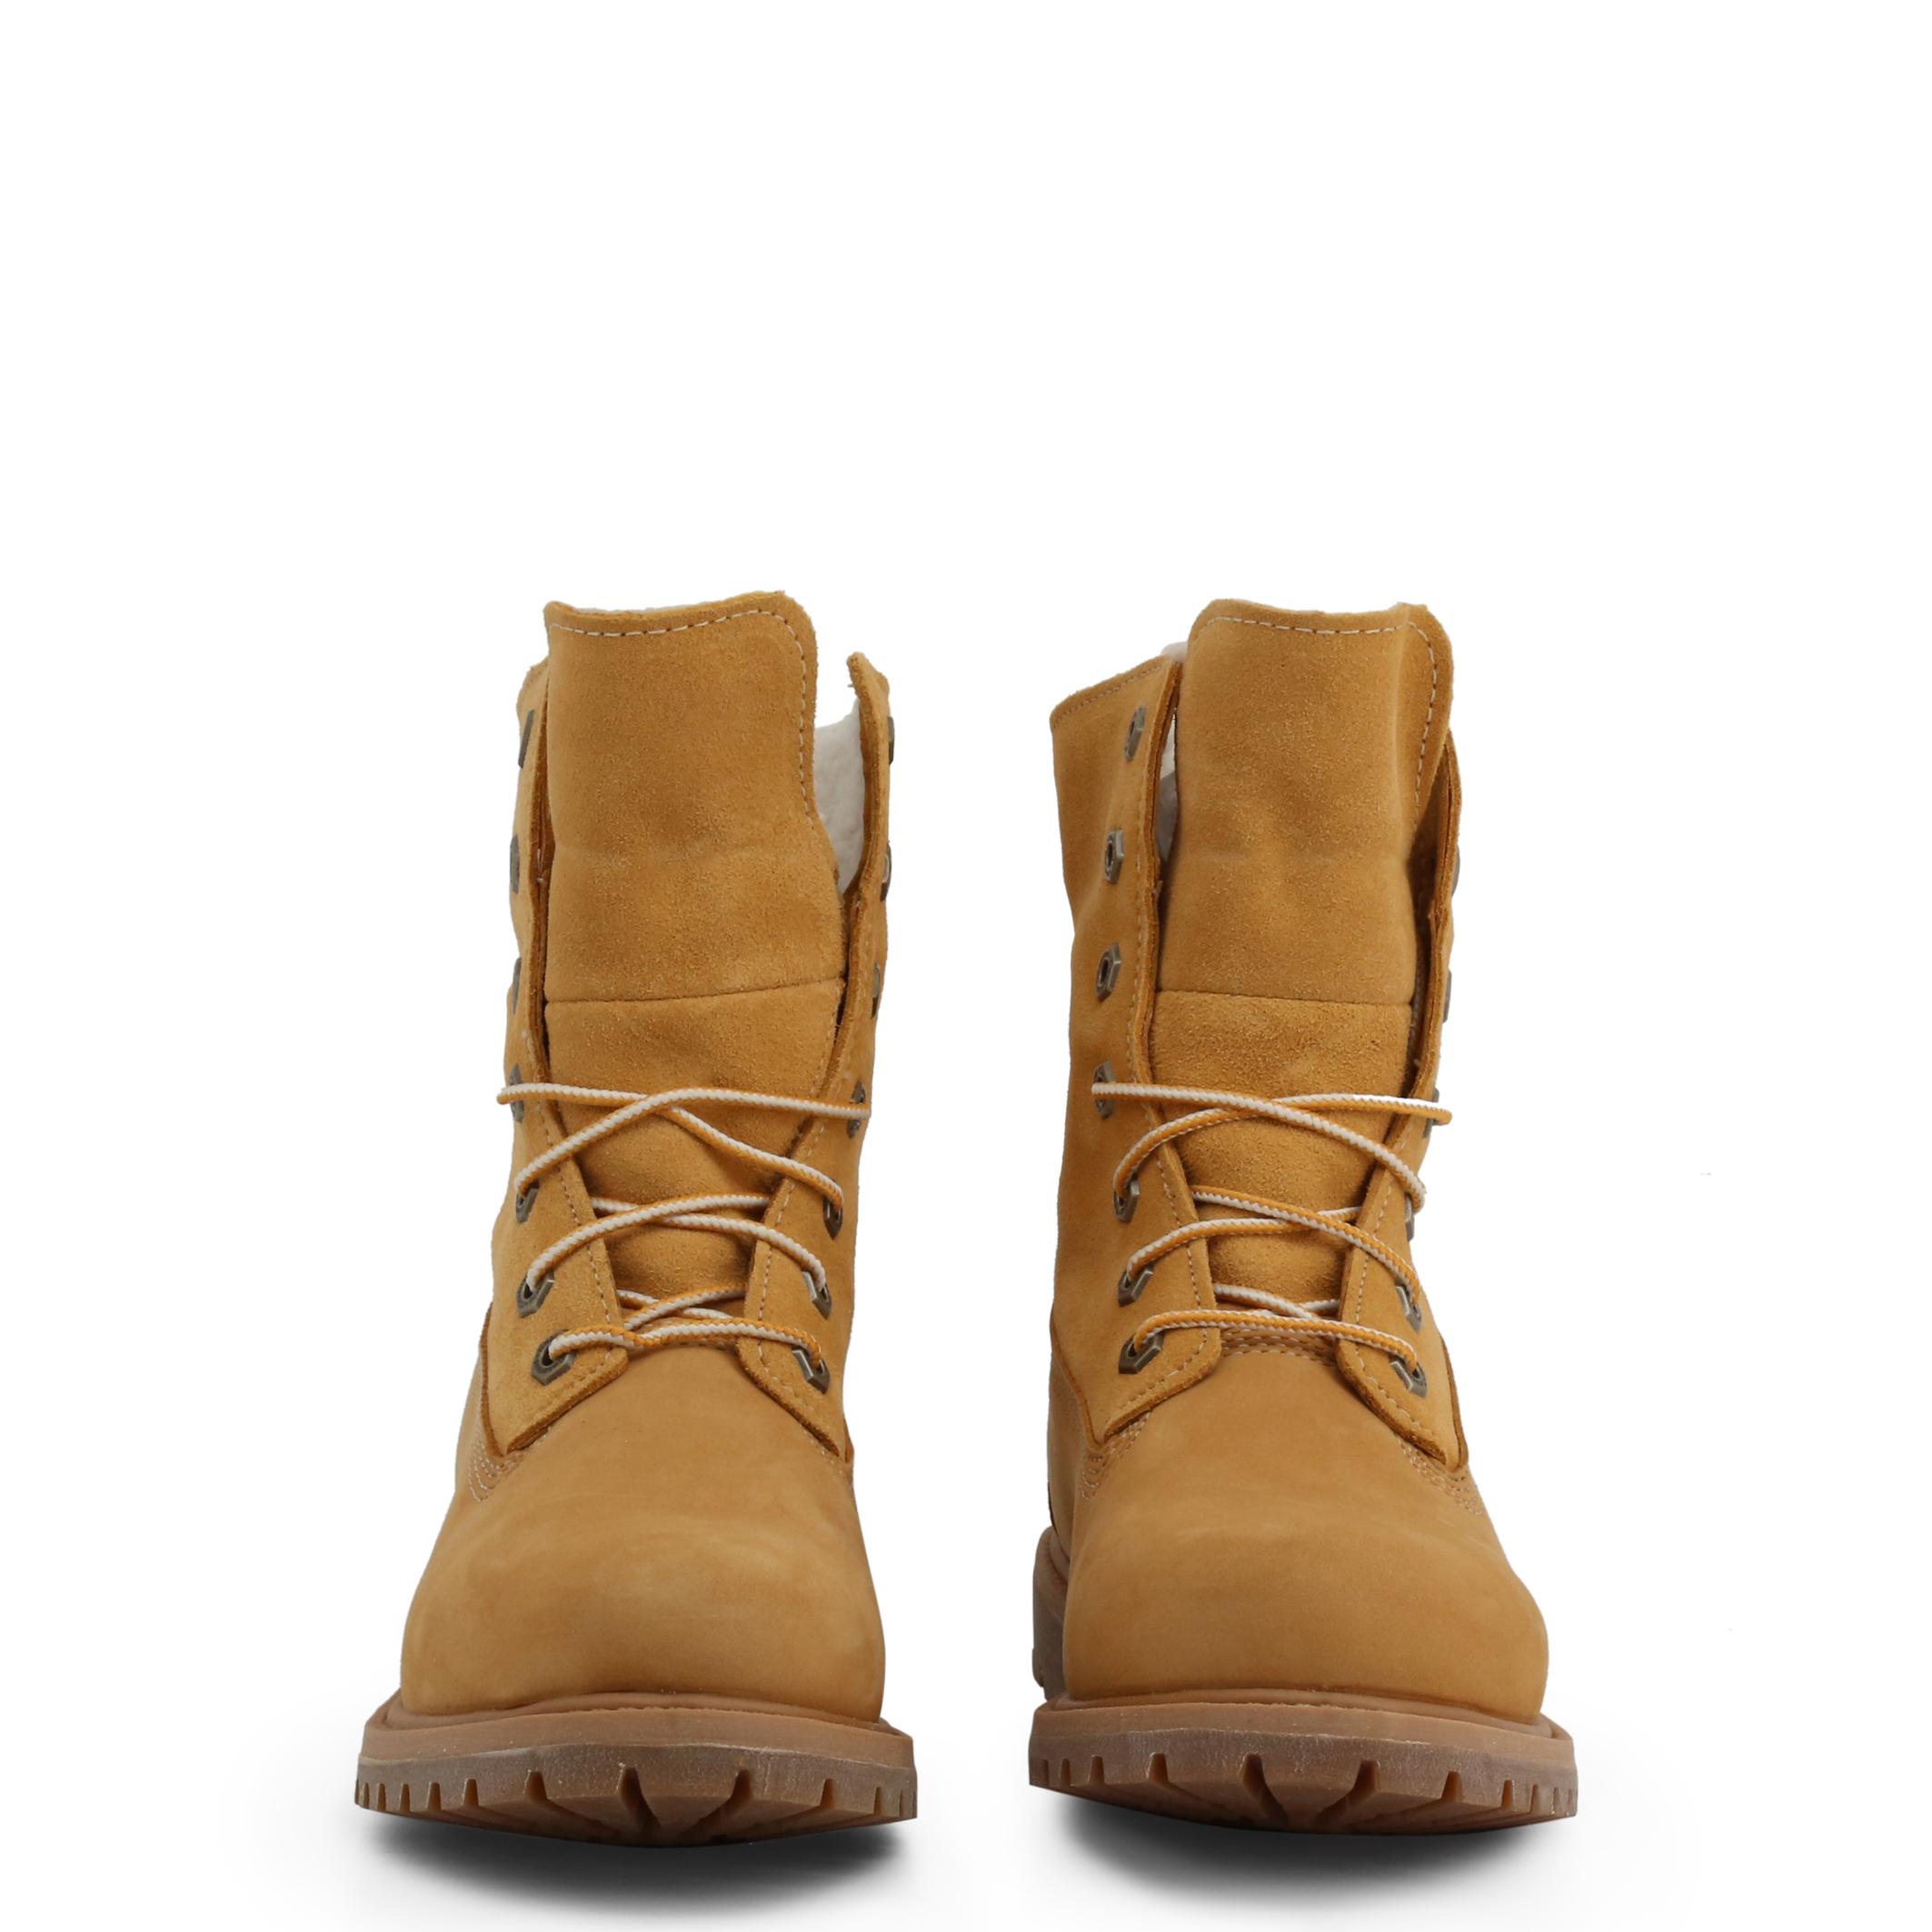 risparmi fantastici scarpe da corsa nuovo elenco Stivaletti Timberland AUTH-TEDDYFLEECE Donna Marrone 103245 | eBay